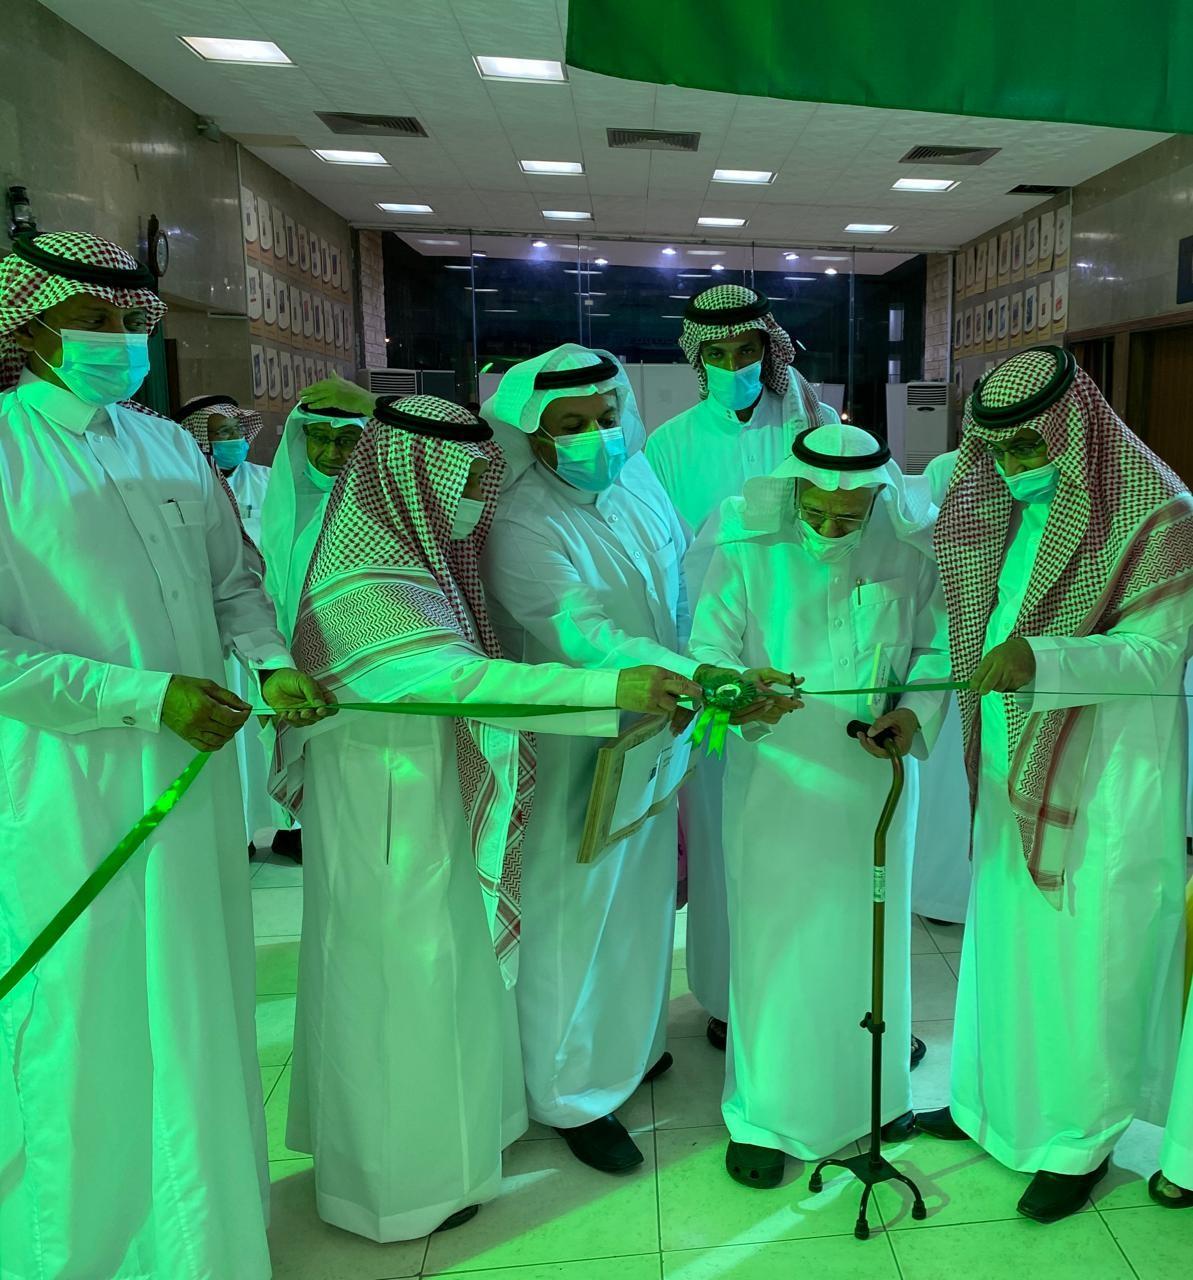 افتتاح معرض الكتاب الخيري في نسخته الرابعة عشر بالرياض